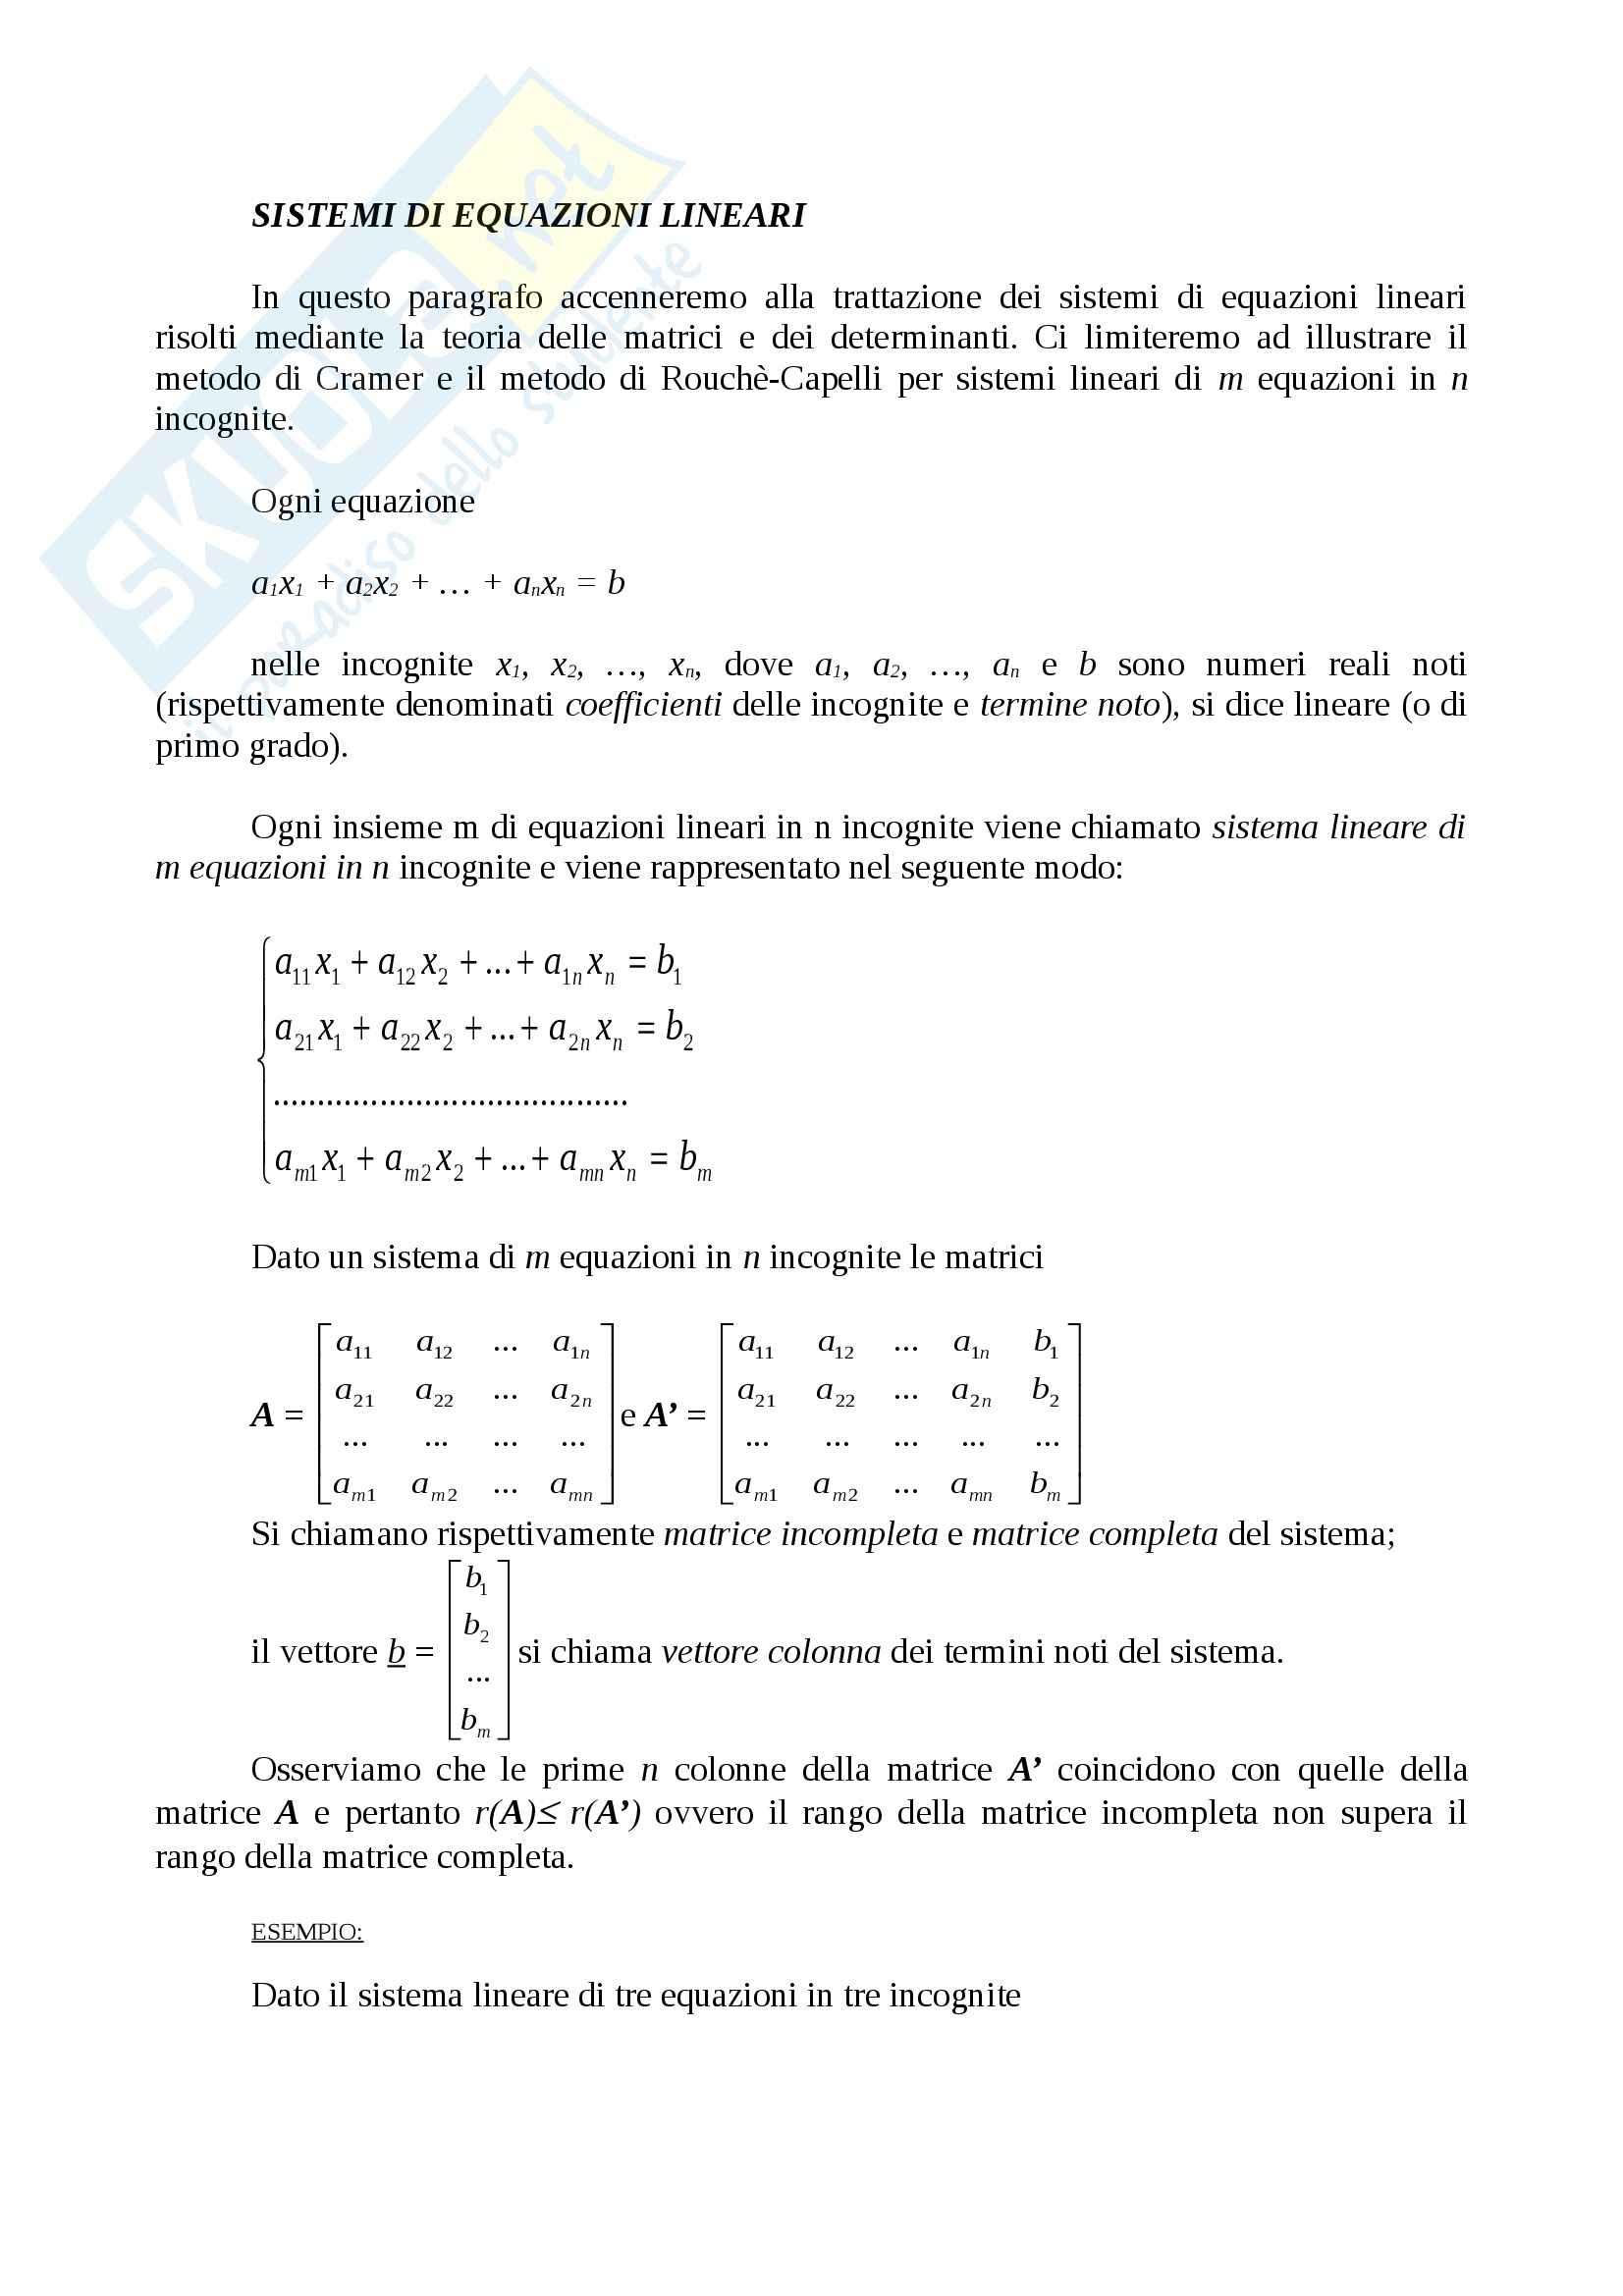 Matematica - sistemi lineari